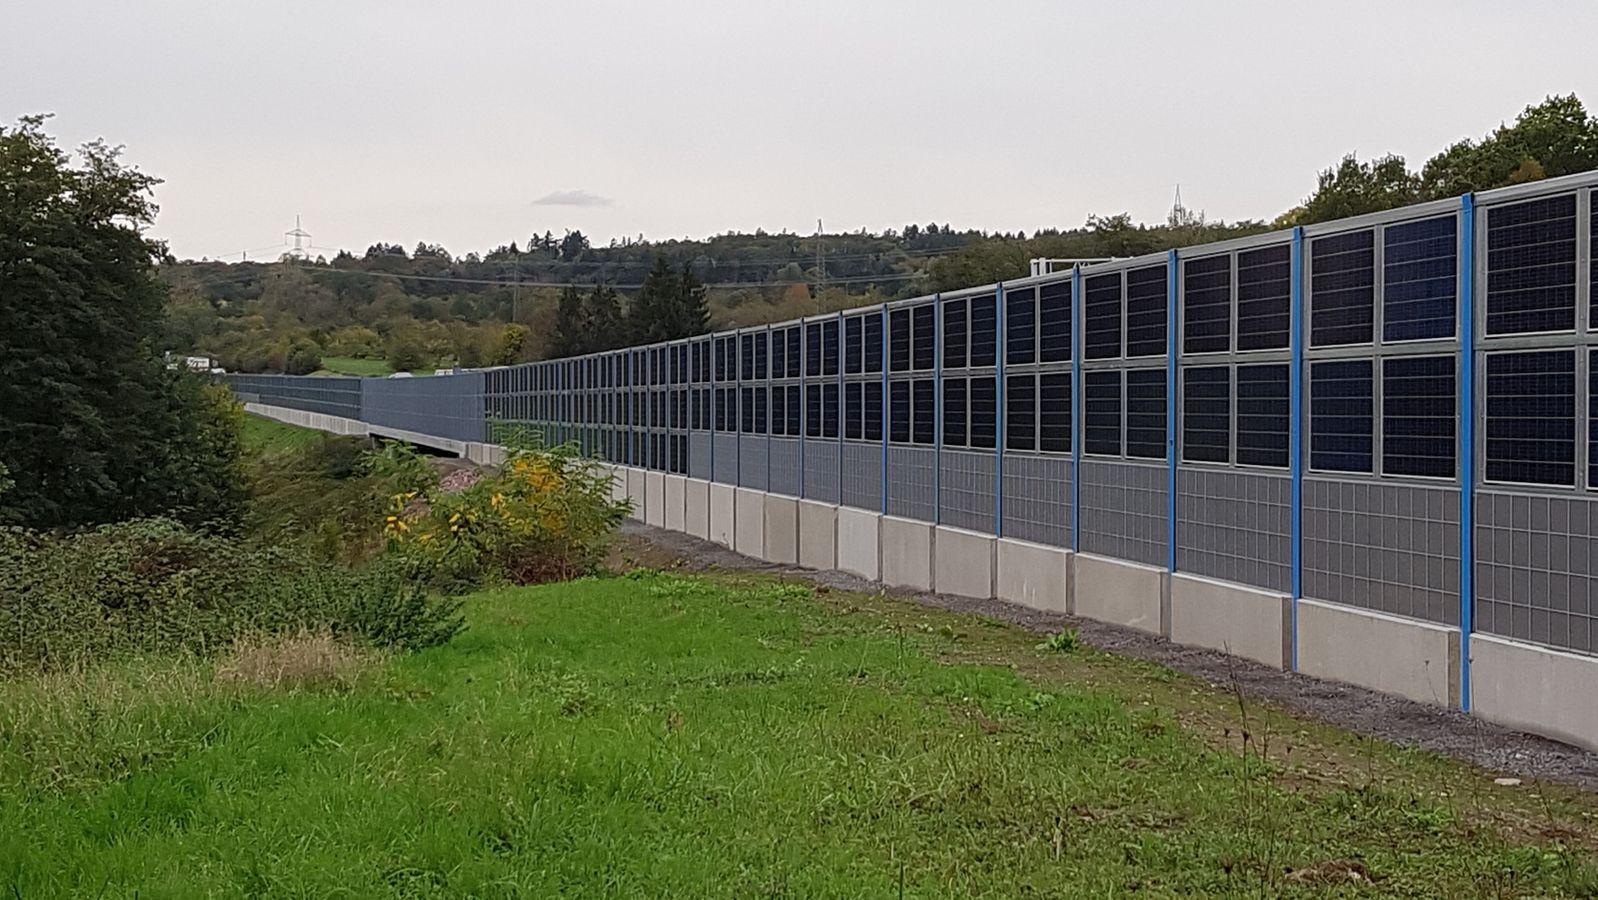 Bundesweit einmalige Lärmschutzwand mit Photovoltaik-Elementen